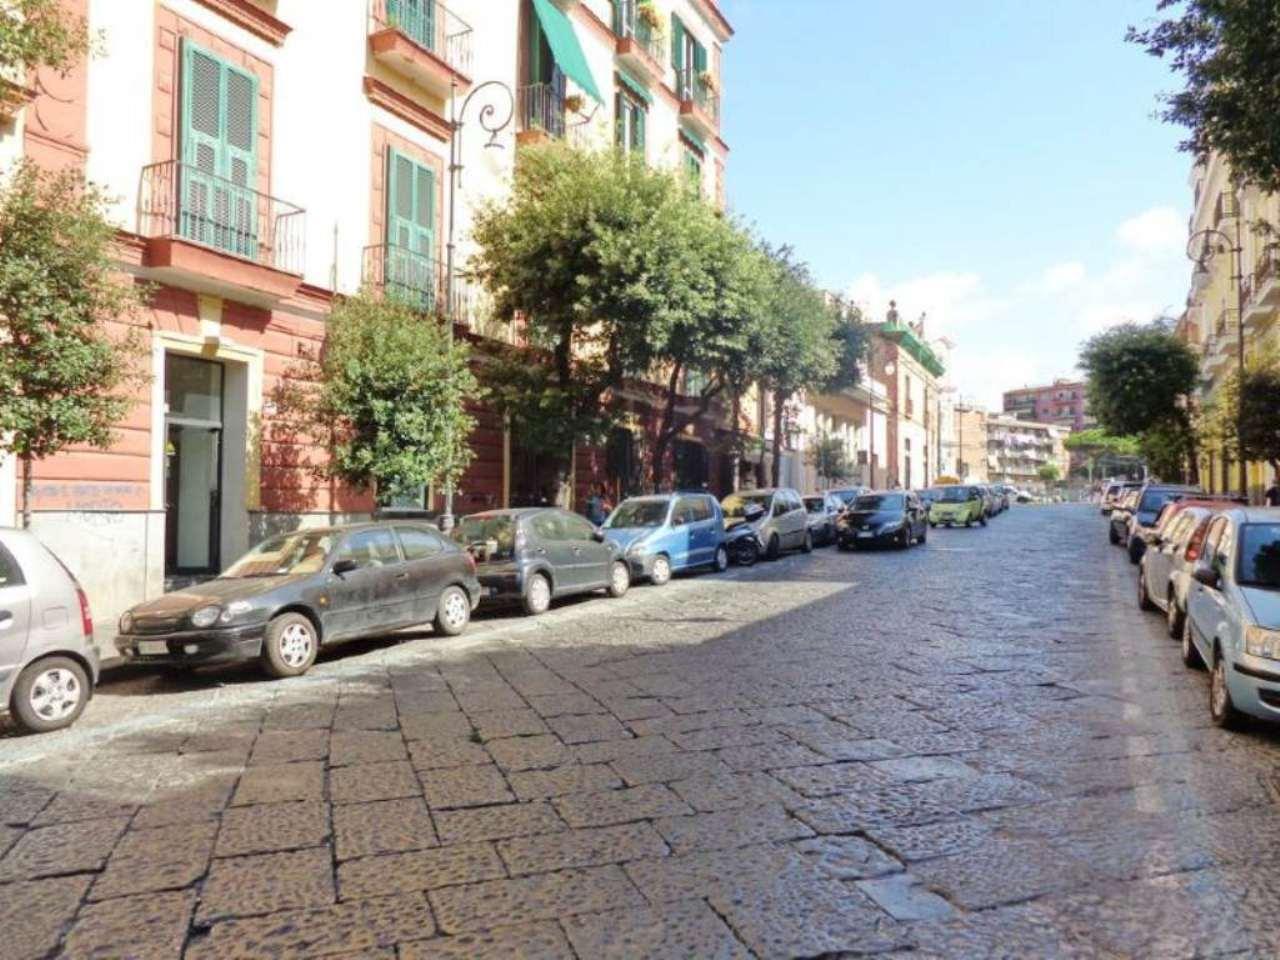 Negozio / Locale in affitto a Portici, 4 locali, prezzo € 1.300 | Cambio Casa.it